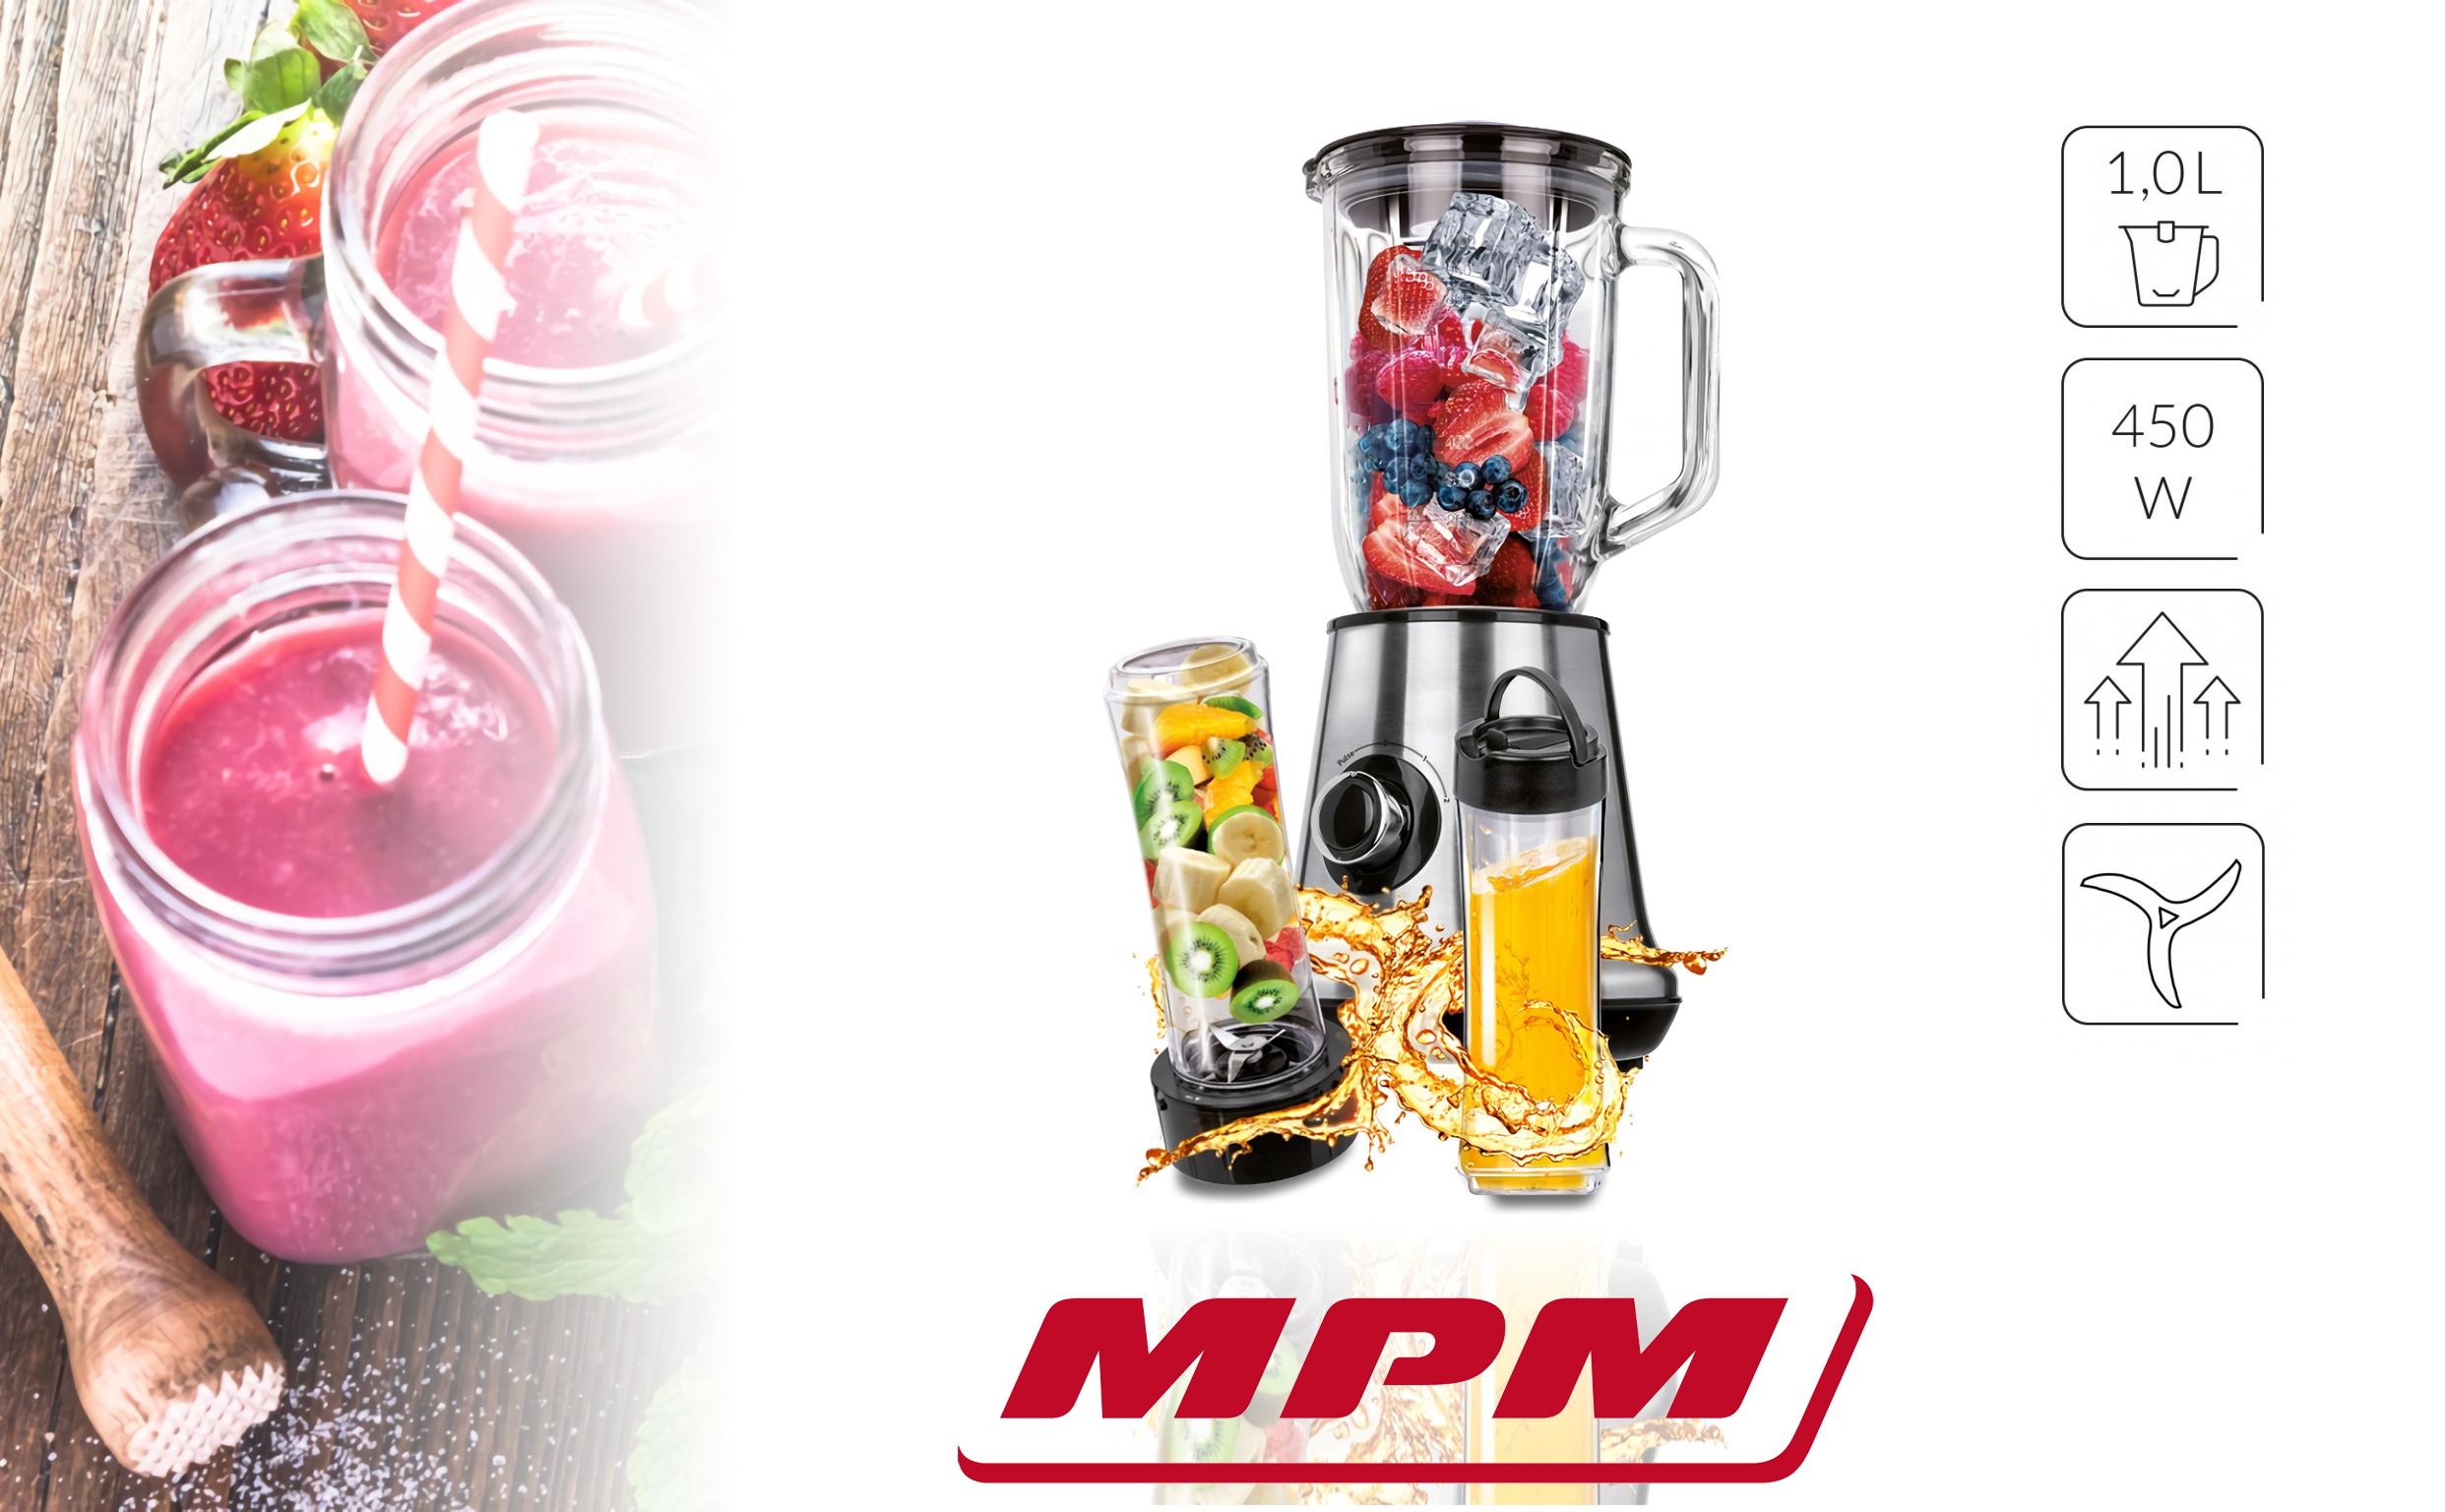 MPM MBL-15M Batidora Americana de Vaso 1L + 2 vasos Smothie To Go 600 ml, Pica Hielo, Función Pulso 450W